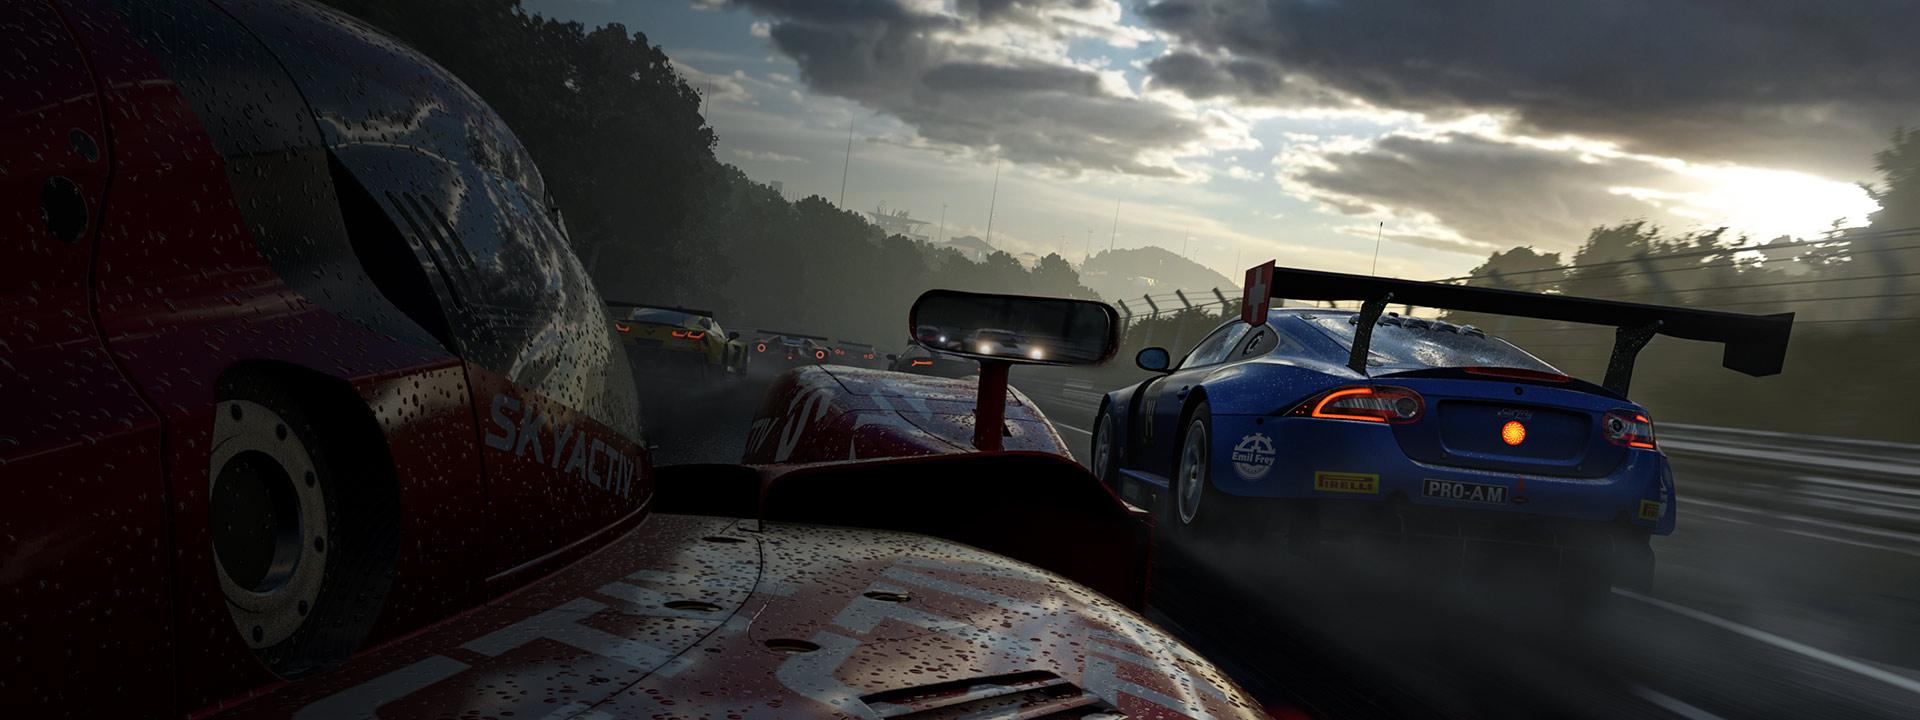 La météo peut changer rapidement dans Forza Motorsport 7, ce qui changera la méthode requise pour conduire